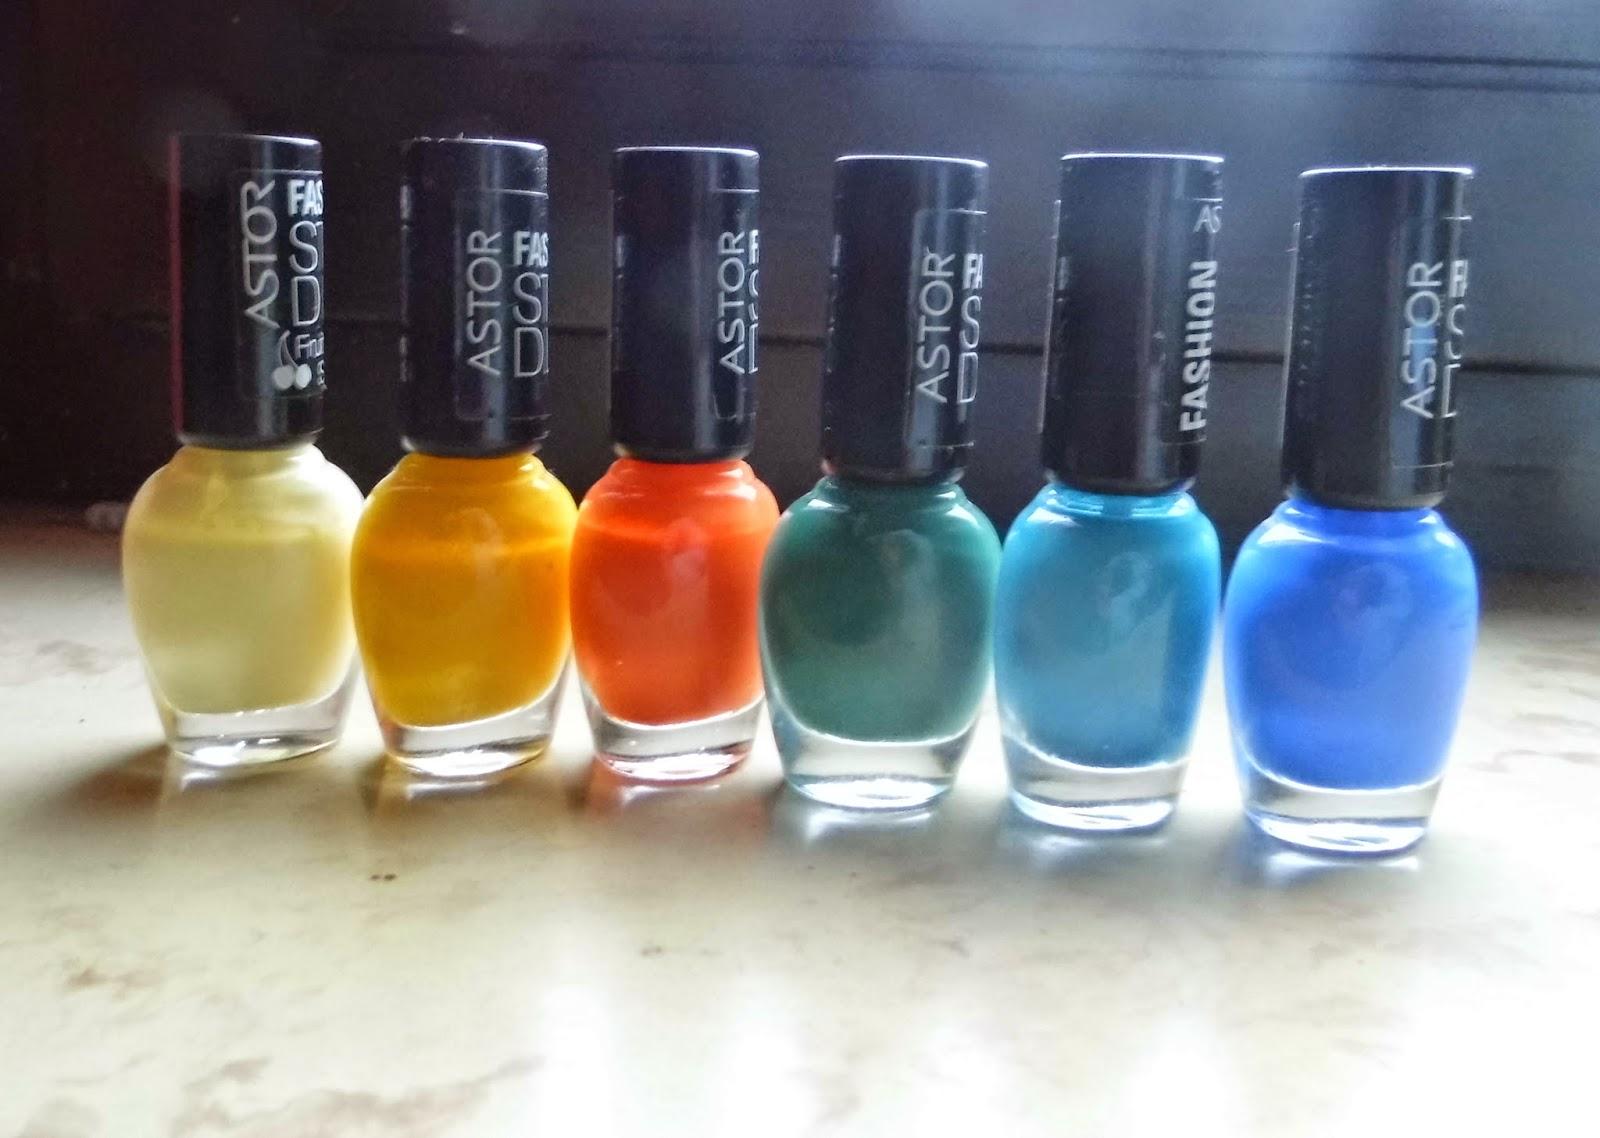 astor-fashn-studio-nail-polishes